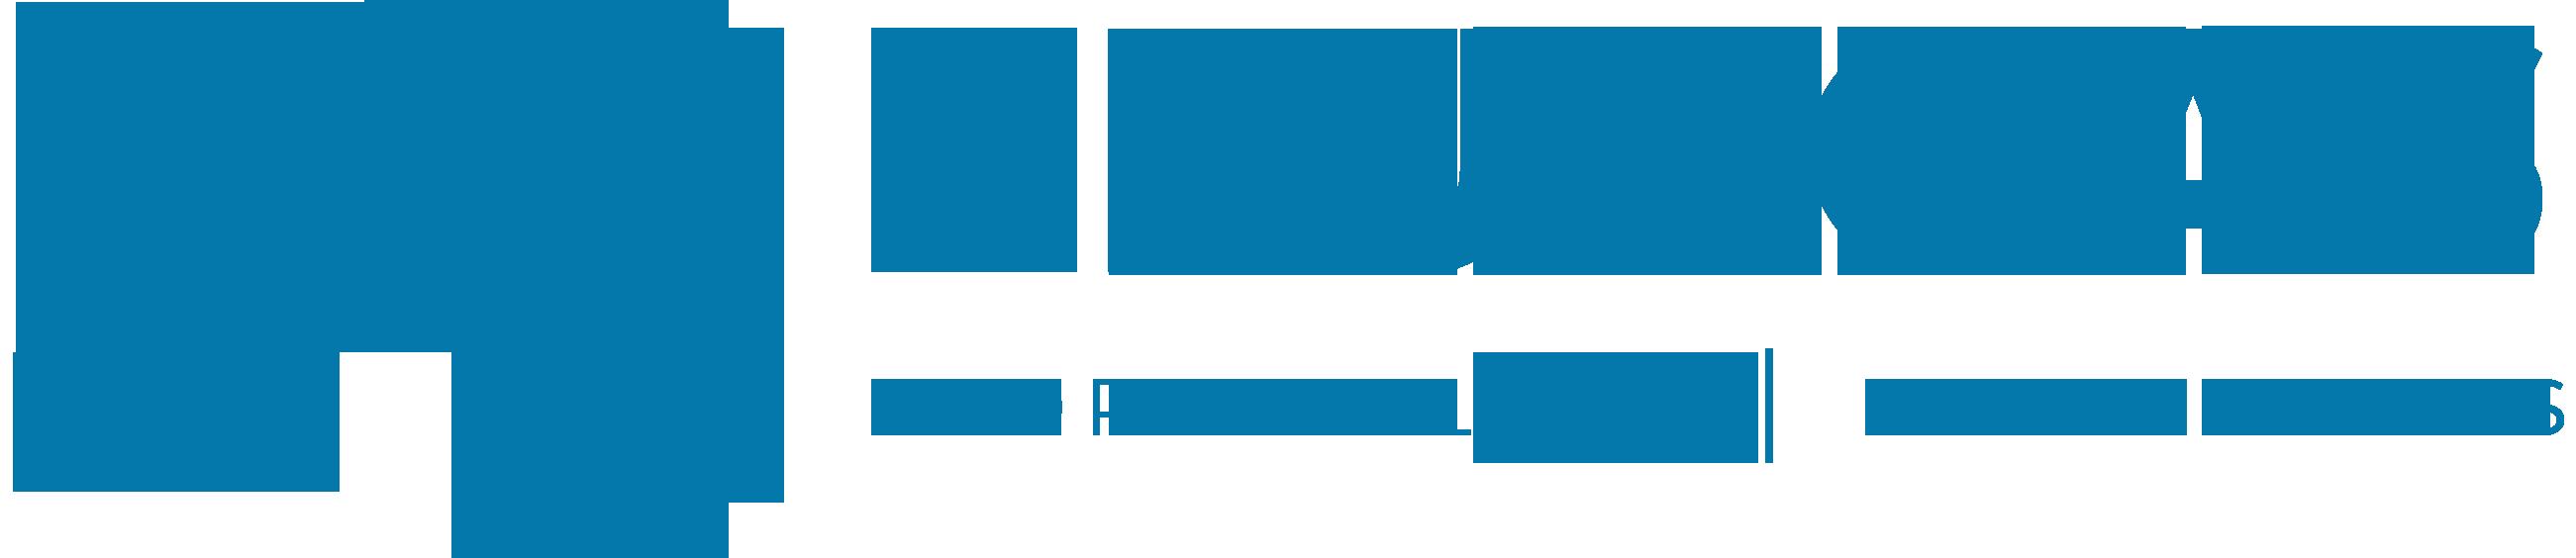 Pluggas Logo Storytellers Filmmakers